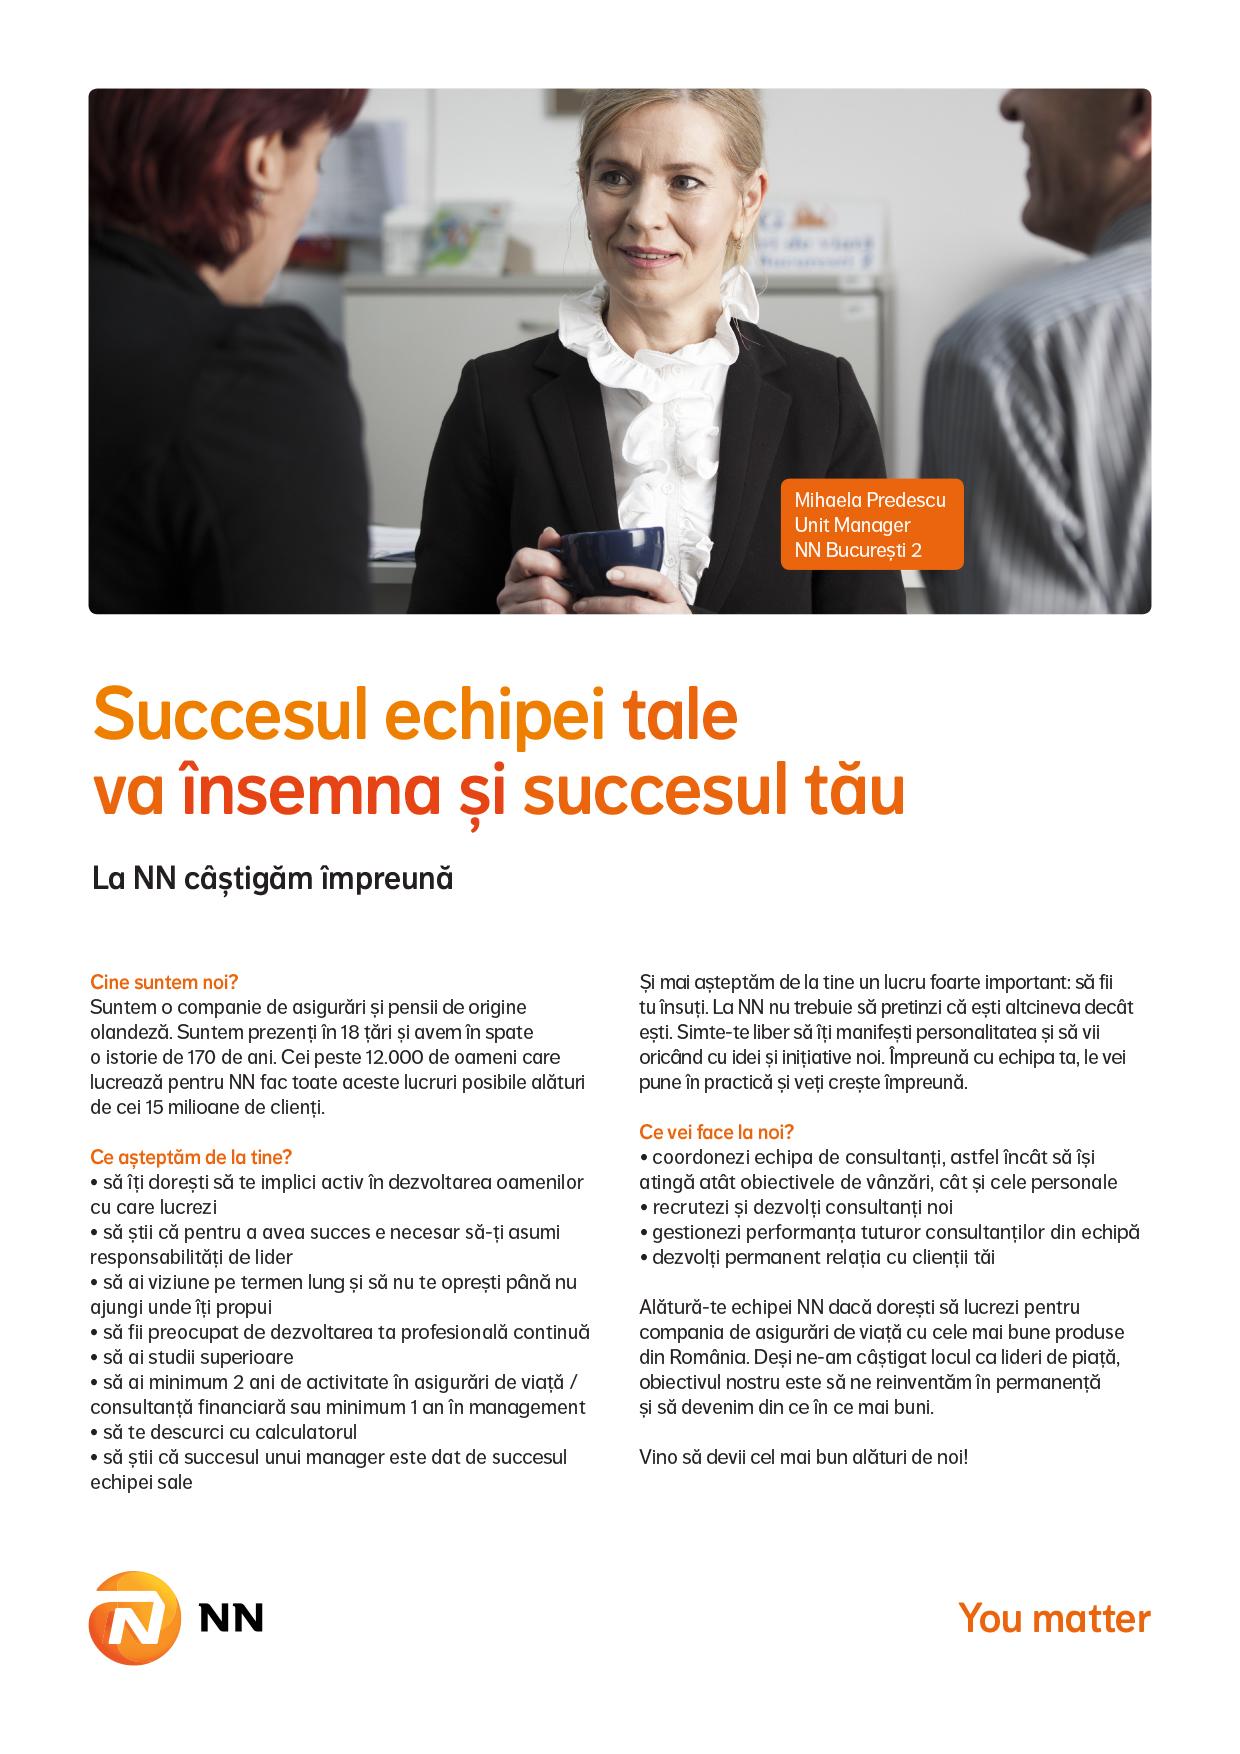 NN este o companie de asigurări și managementul investițiilor, activă în peste 18 țări, cu o puternică prezență în Europa și în Japonia.  Grupul NN, din România, include activitățile ING Asigurări de Viață și ING Pensii, companii lider pe piețele de profil, și ING Investment Management, numărul patru în topul companiilor de administrare a fondurilor mutuale din România.  Pentru noi, NN reprezintă un capitol nou și interesant în viața companiei, cu noi oportunități de dezvoltare. Promisiunea noastră este că vom continua să fim alături de clienții, angajatii si colaboratorii noștri, un partener apropiat și de încredere. Valorile noastre de bază sunt: ne pasă, suntem transparenți, ne dedicăm.  Valorile noastre sunt expresia lucrurilor noastre dragi, a ceea ce credem și a obiectivelor noastre. Ne unesc și ne inspiră. Și ne determină comportamentul zi de zi.    NN Romania in cifre:  2,2 milioane clienți unici de asigurări de viață, pensii obligatorii și pensii facultative Cote de piață septembrie 2014:  • Asigurări de Viață - 38%  • Pensii obligatorii (Pilonul 2) - 38% în funcție de active  • Pensii facultative (Pilonul 3) - 48,5 în funcție de active.